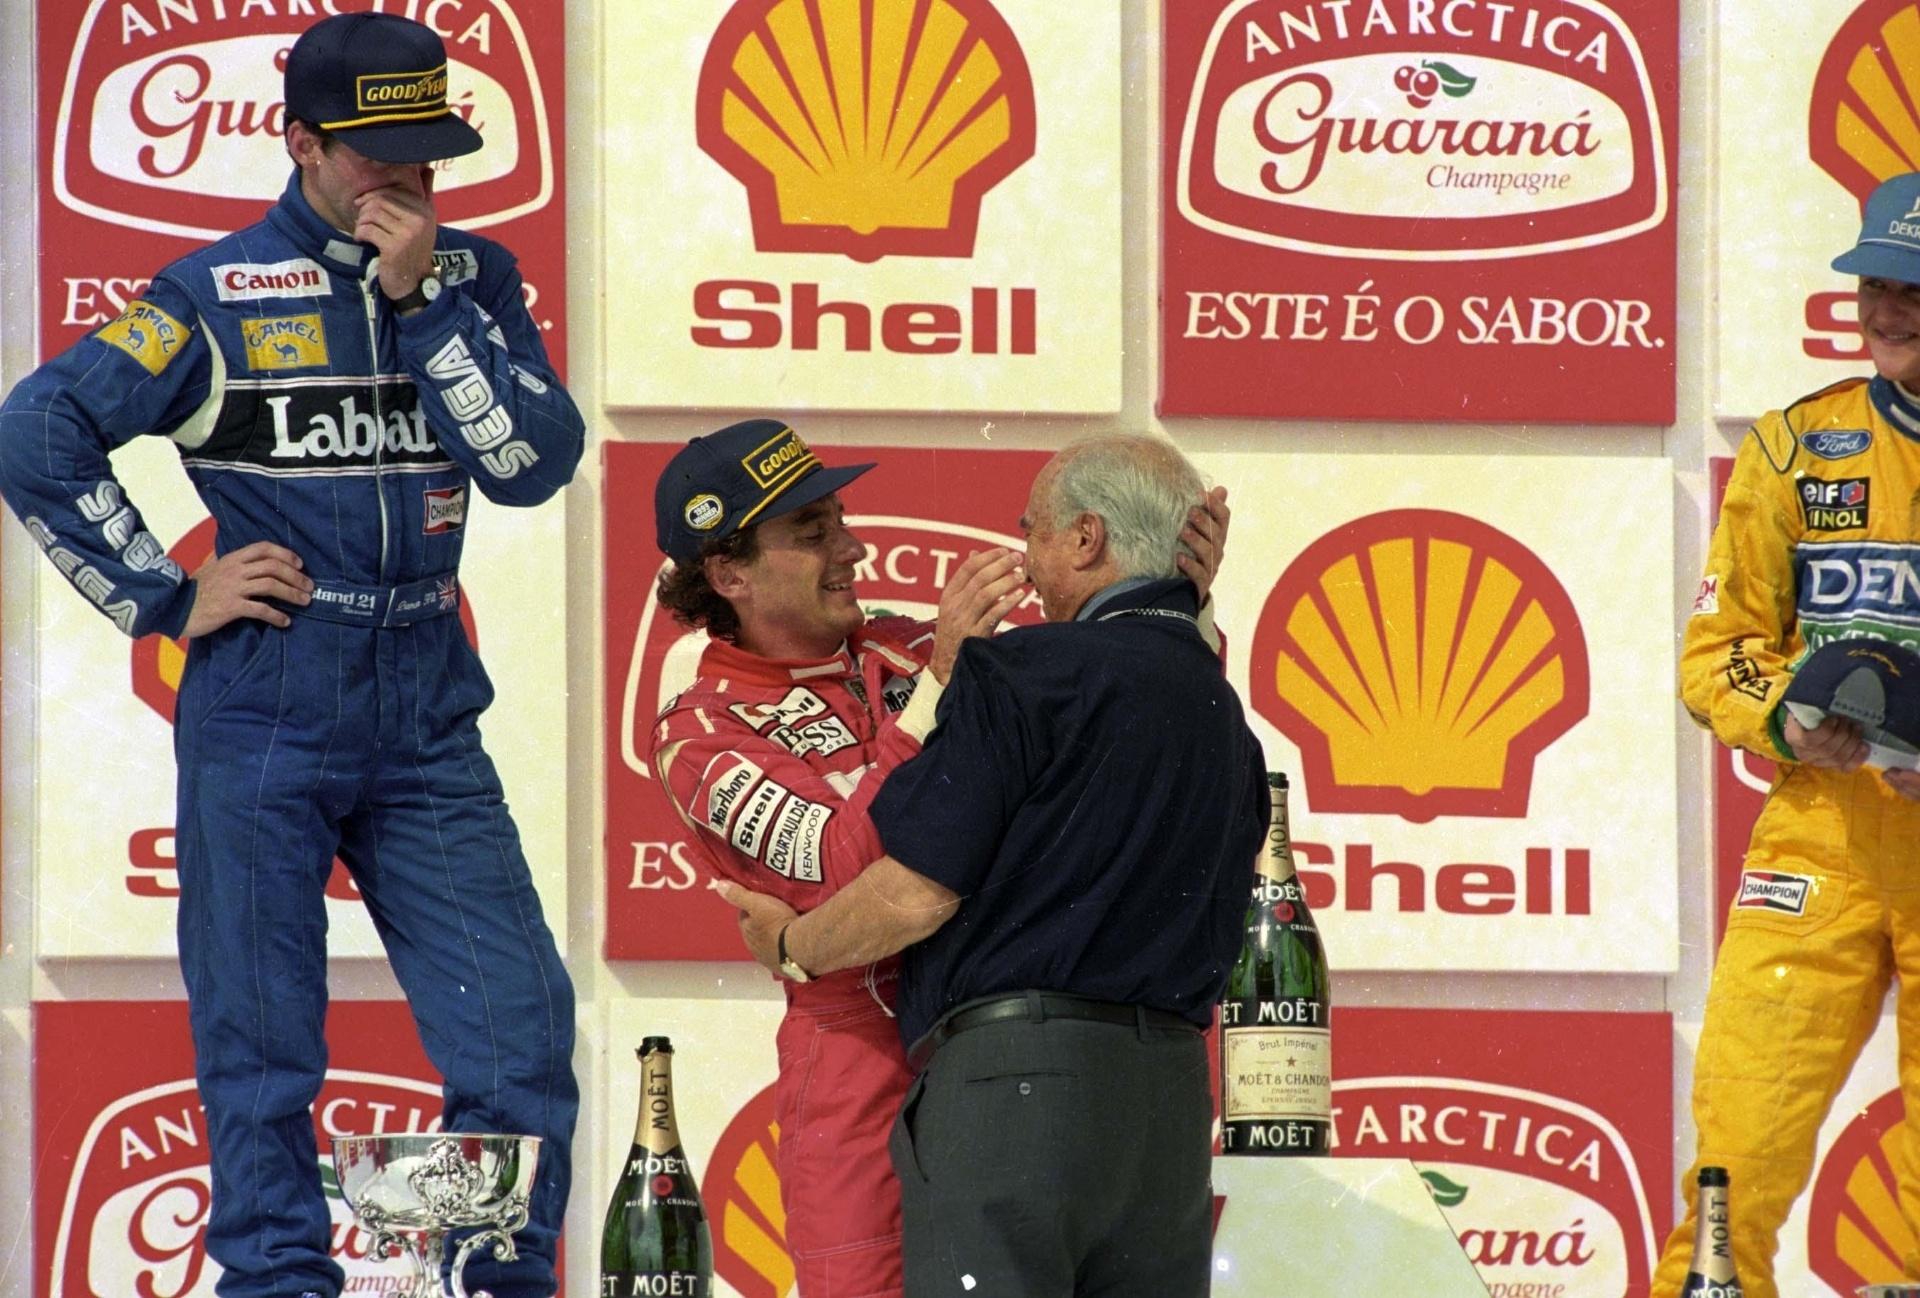 28.03.93 - Senna é cumprimentado por Juan Manuel Fangio no GP Brasil de 1993